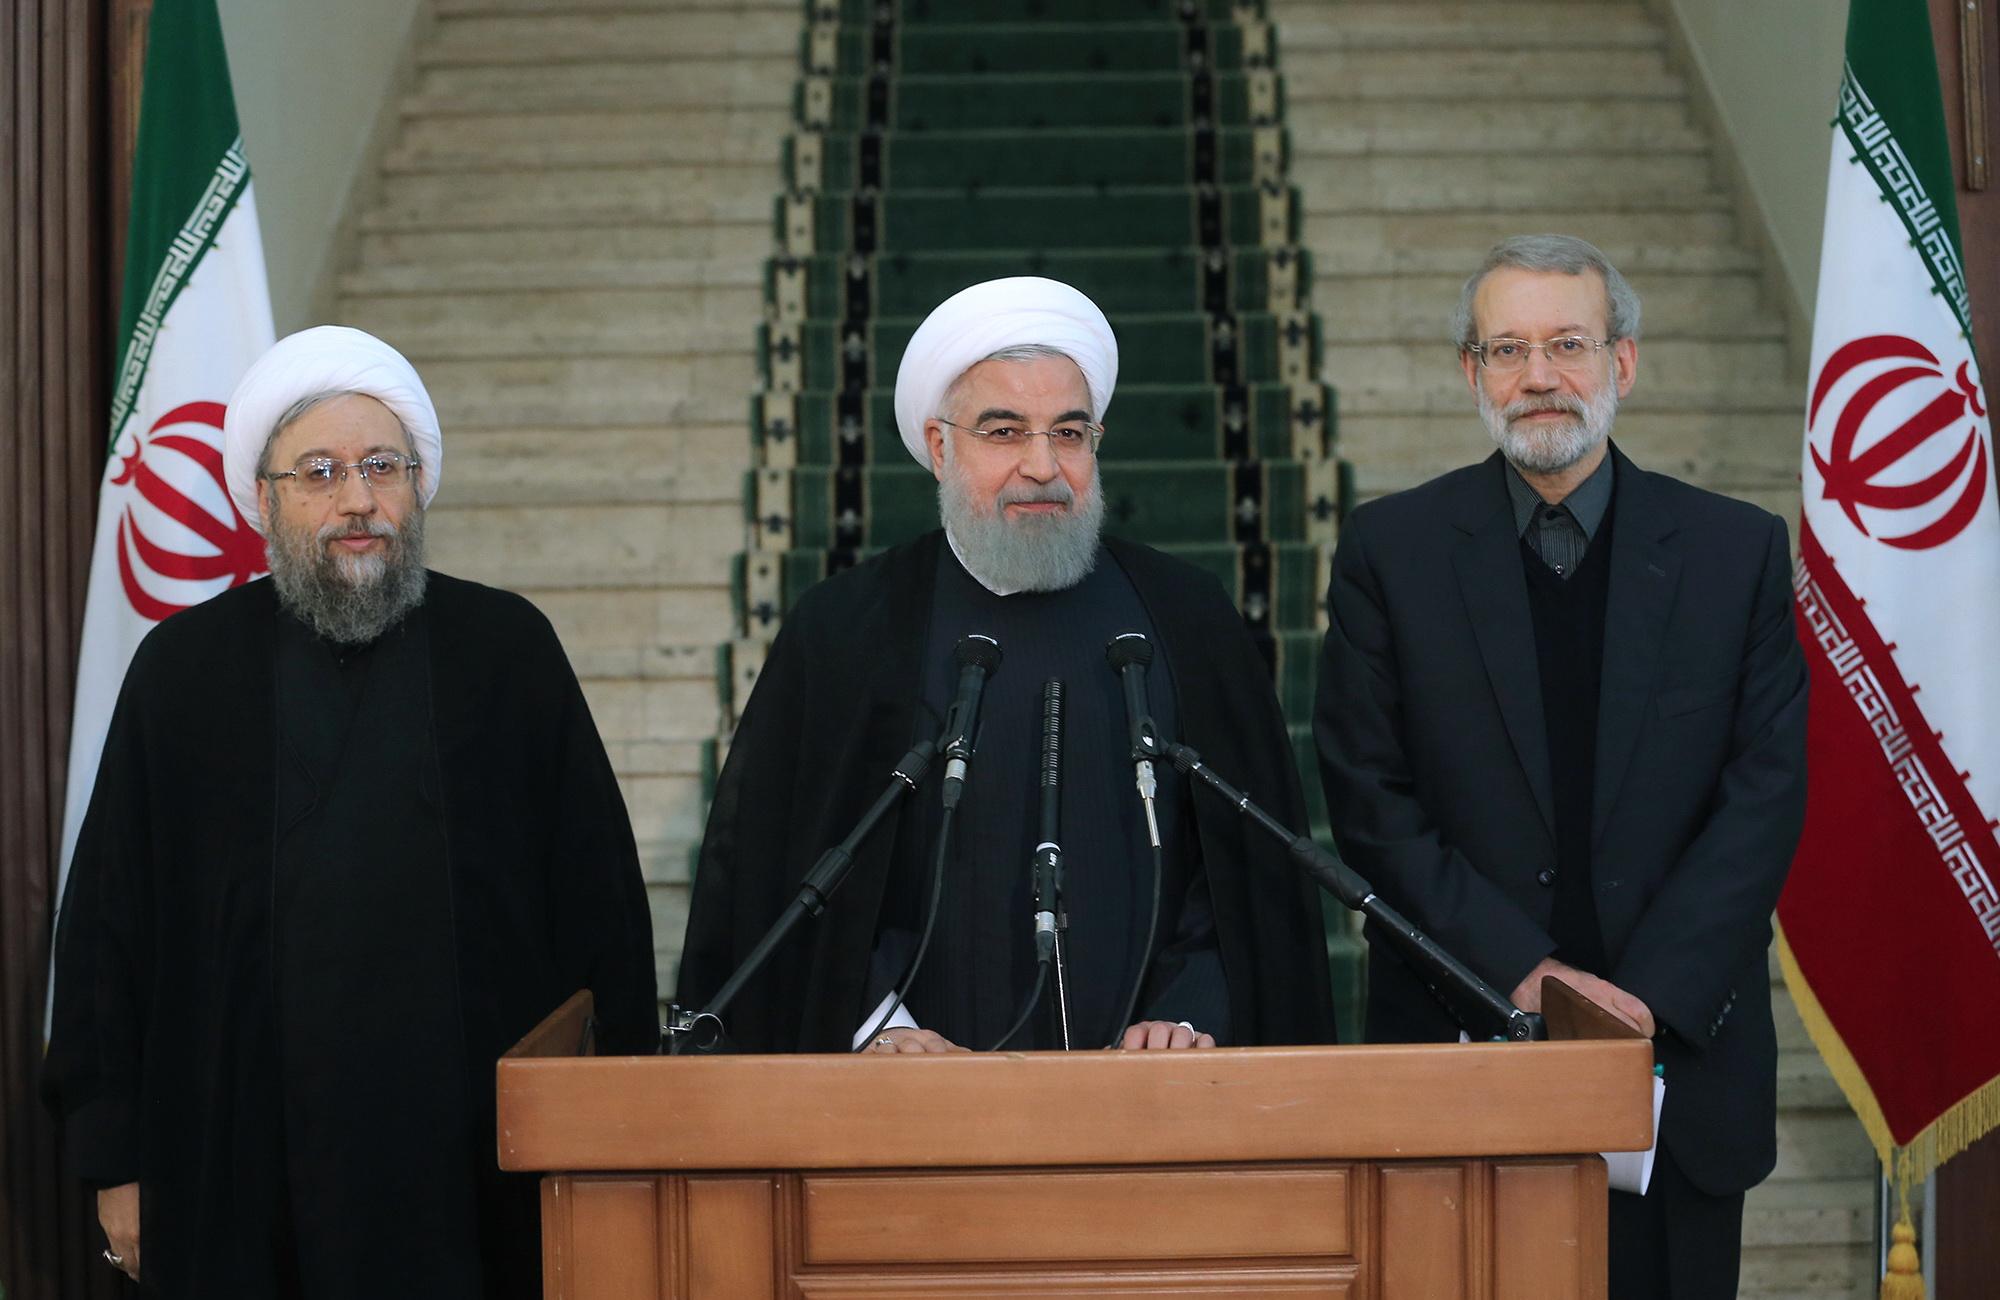 قدرتهای بزرگ به دنبال ناامید کردن ملت ایران برای سرمایهگذاریهای اقتصادی هستند/ حمایتها از عراق و سوریه باعث حل مسئله تروریسم شد